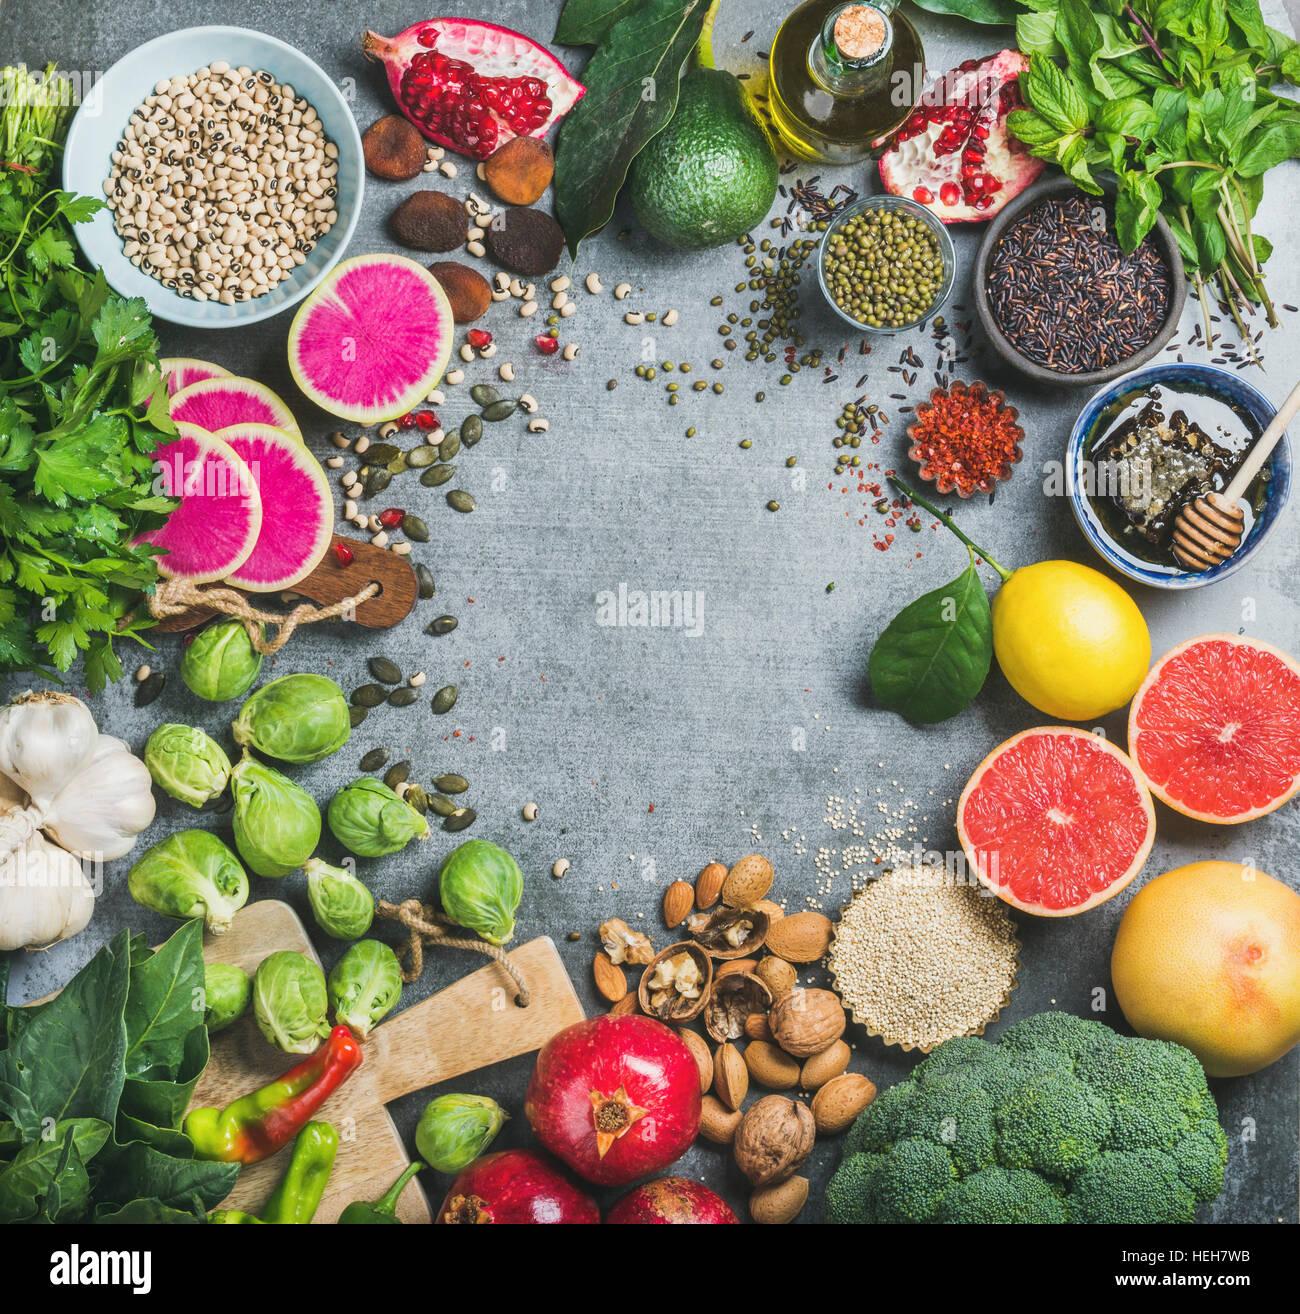 Limpiar comiendo concepto. Variedad de verduras, frutas, semillas, cereales, legumbres, especias, fuentes alimenticias, Imagen De Stock